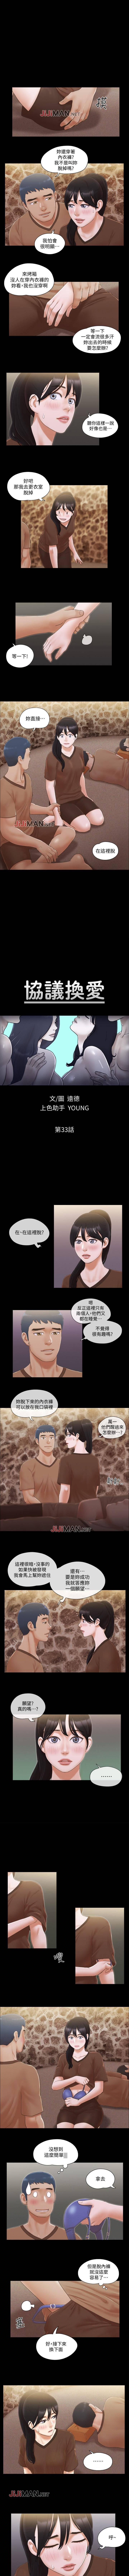 【周五连载】协议换爱(作者:遠德) 第1~62话 139